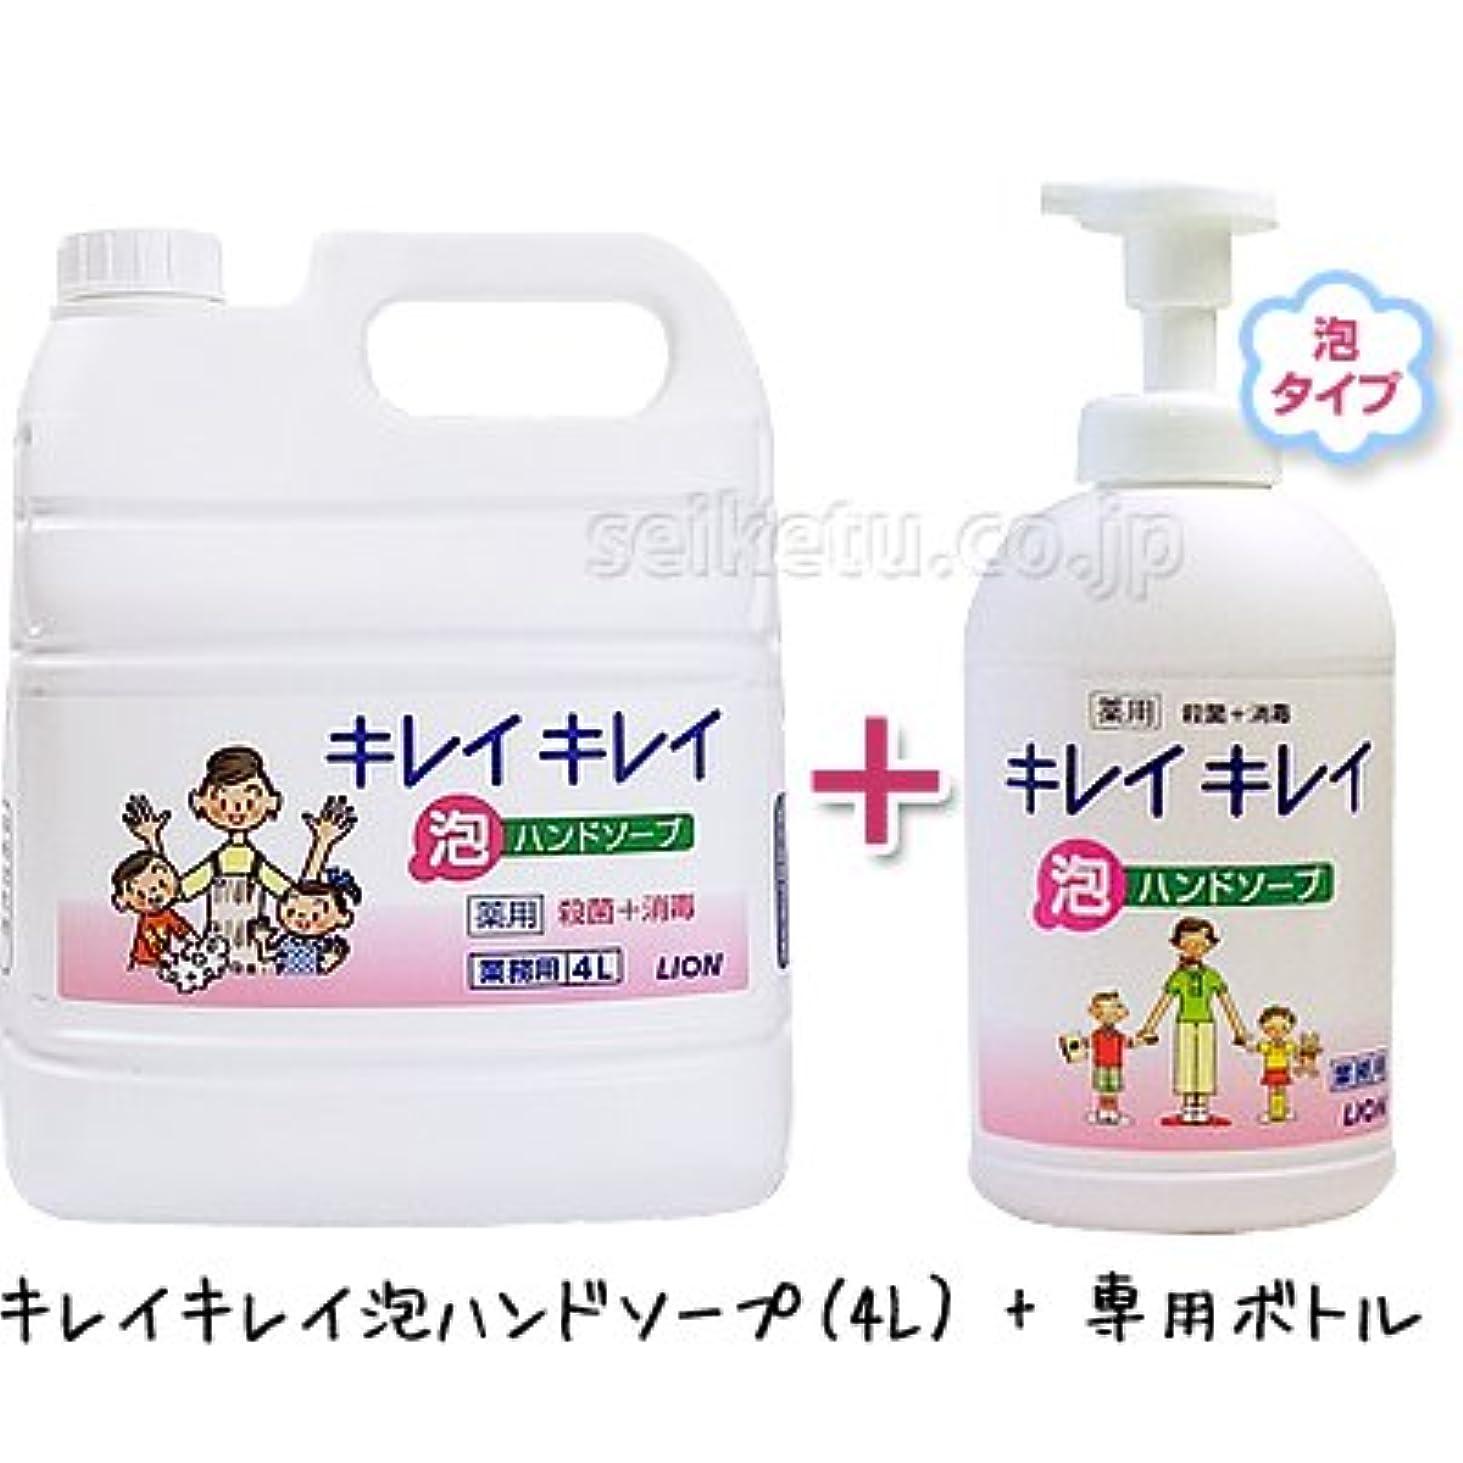 ほとんどの場合成功する象【清潔キレイ館/お得なセット】ライオン キレイキレイ泡ハンドソープ(4L)+専用ボトル